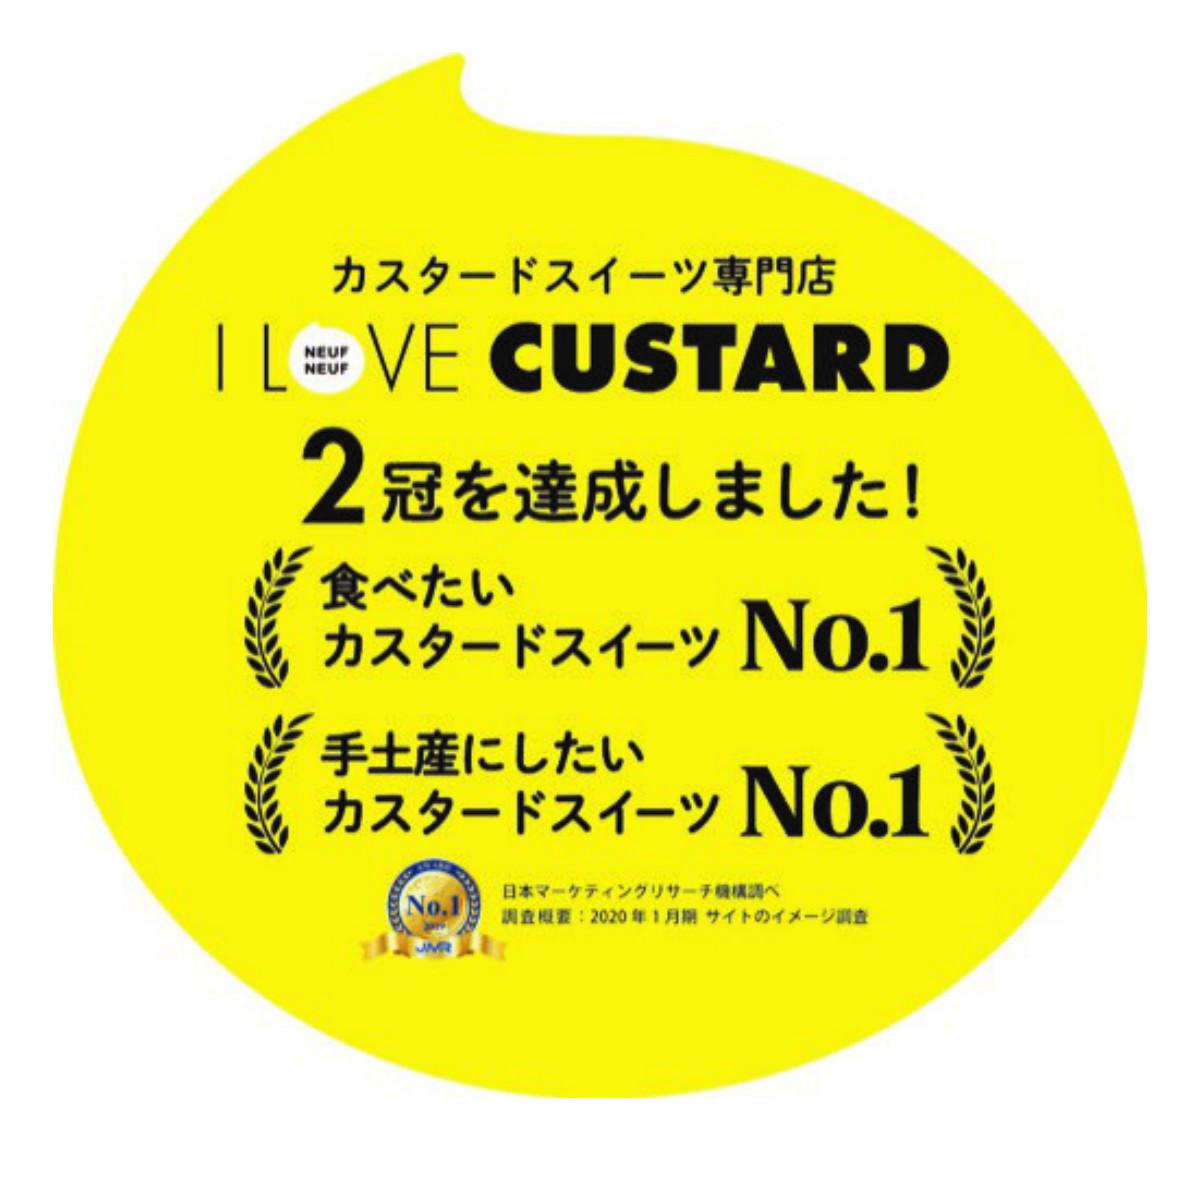 カスタードタルト4個入り(福岡便)